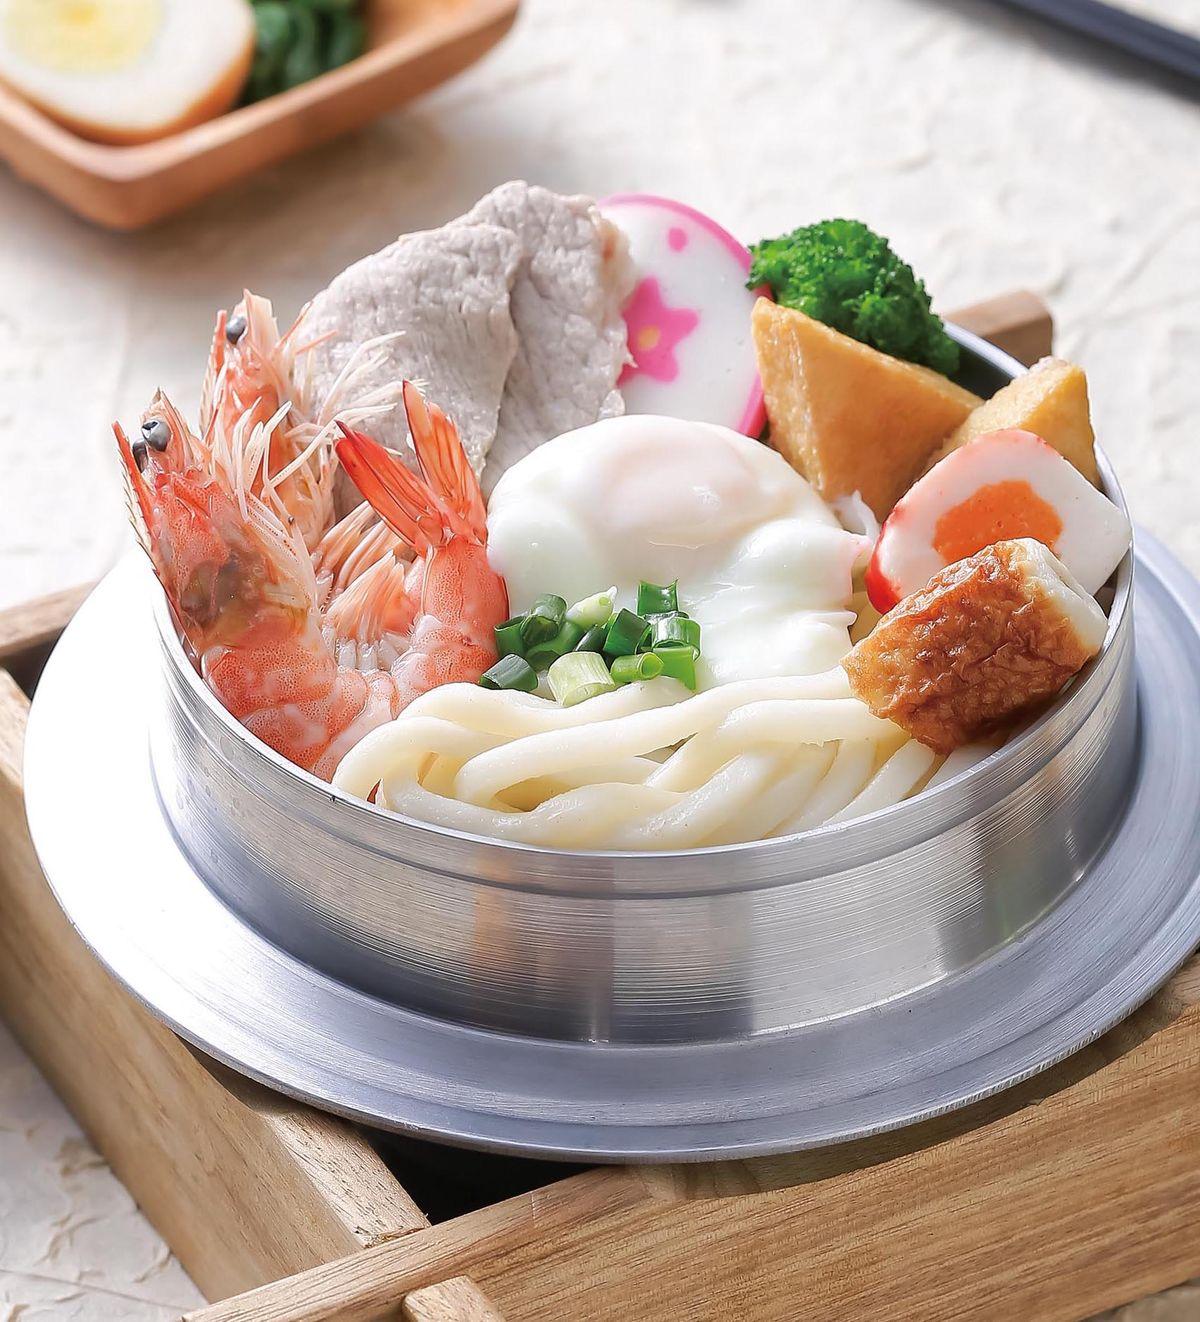 食譜:日式鍋燒麵